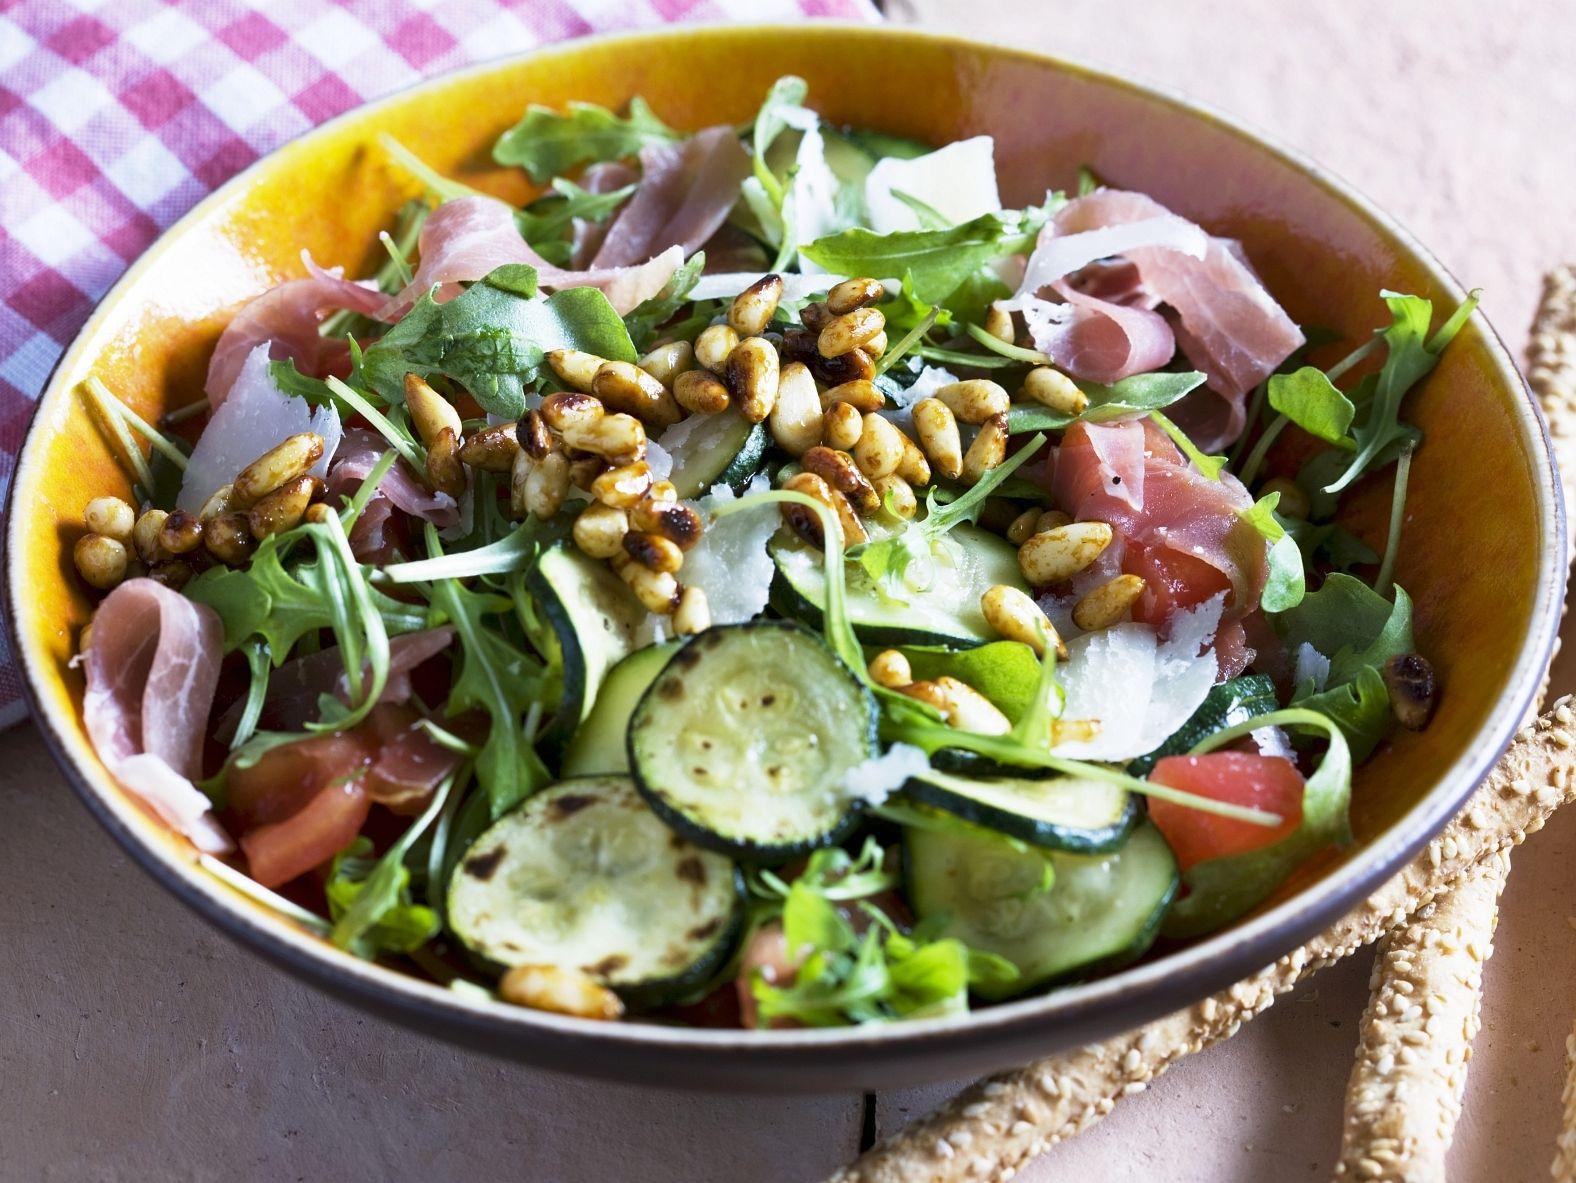 Gemischter grüner Salat mit Zucchini, Pinienkernen und Rohschinken ...